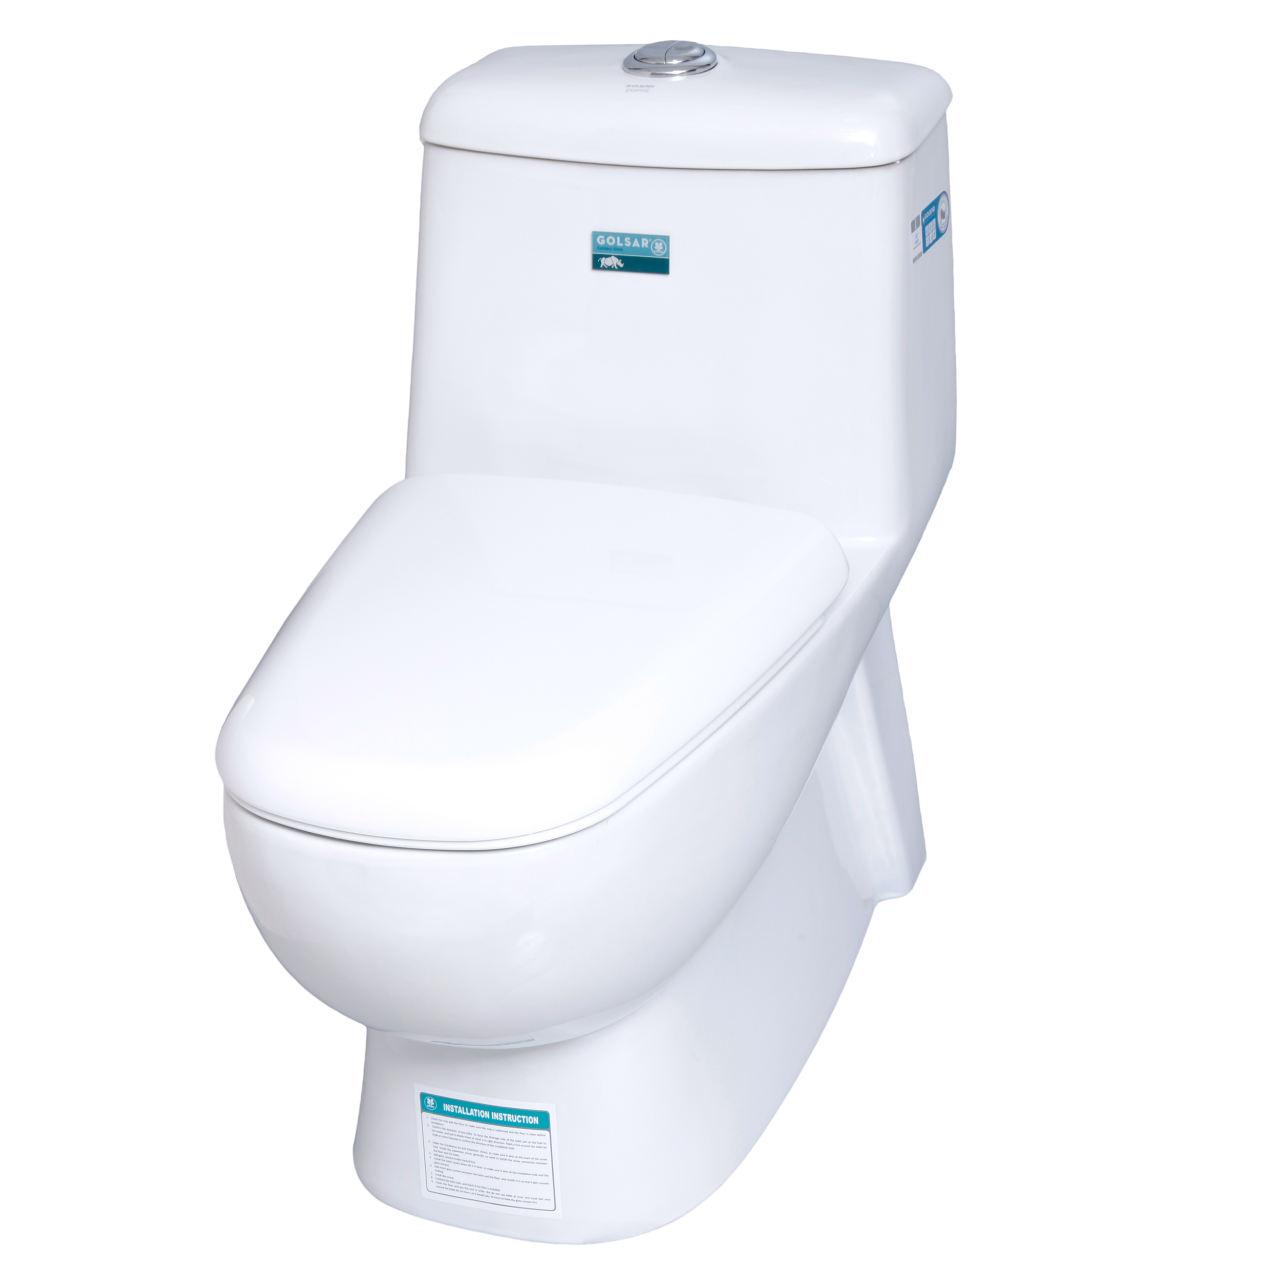 توالت فرنگی گلسار مدل پارمیس سیملس